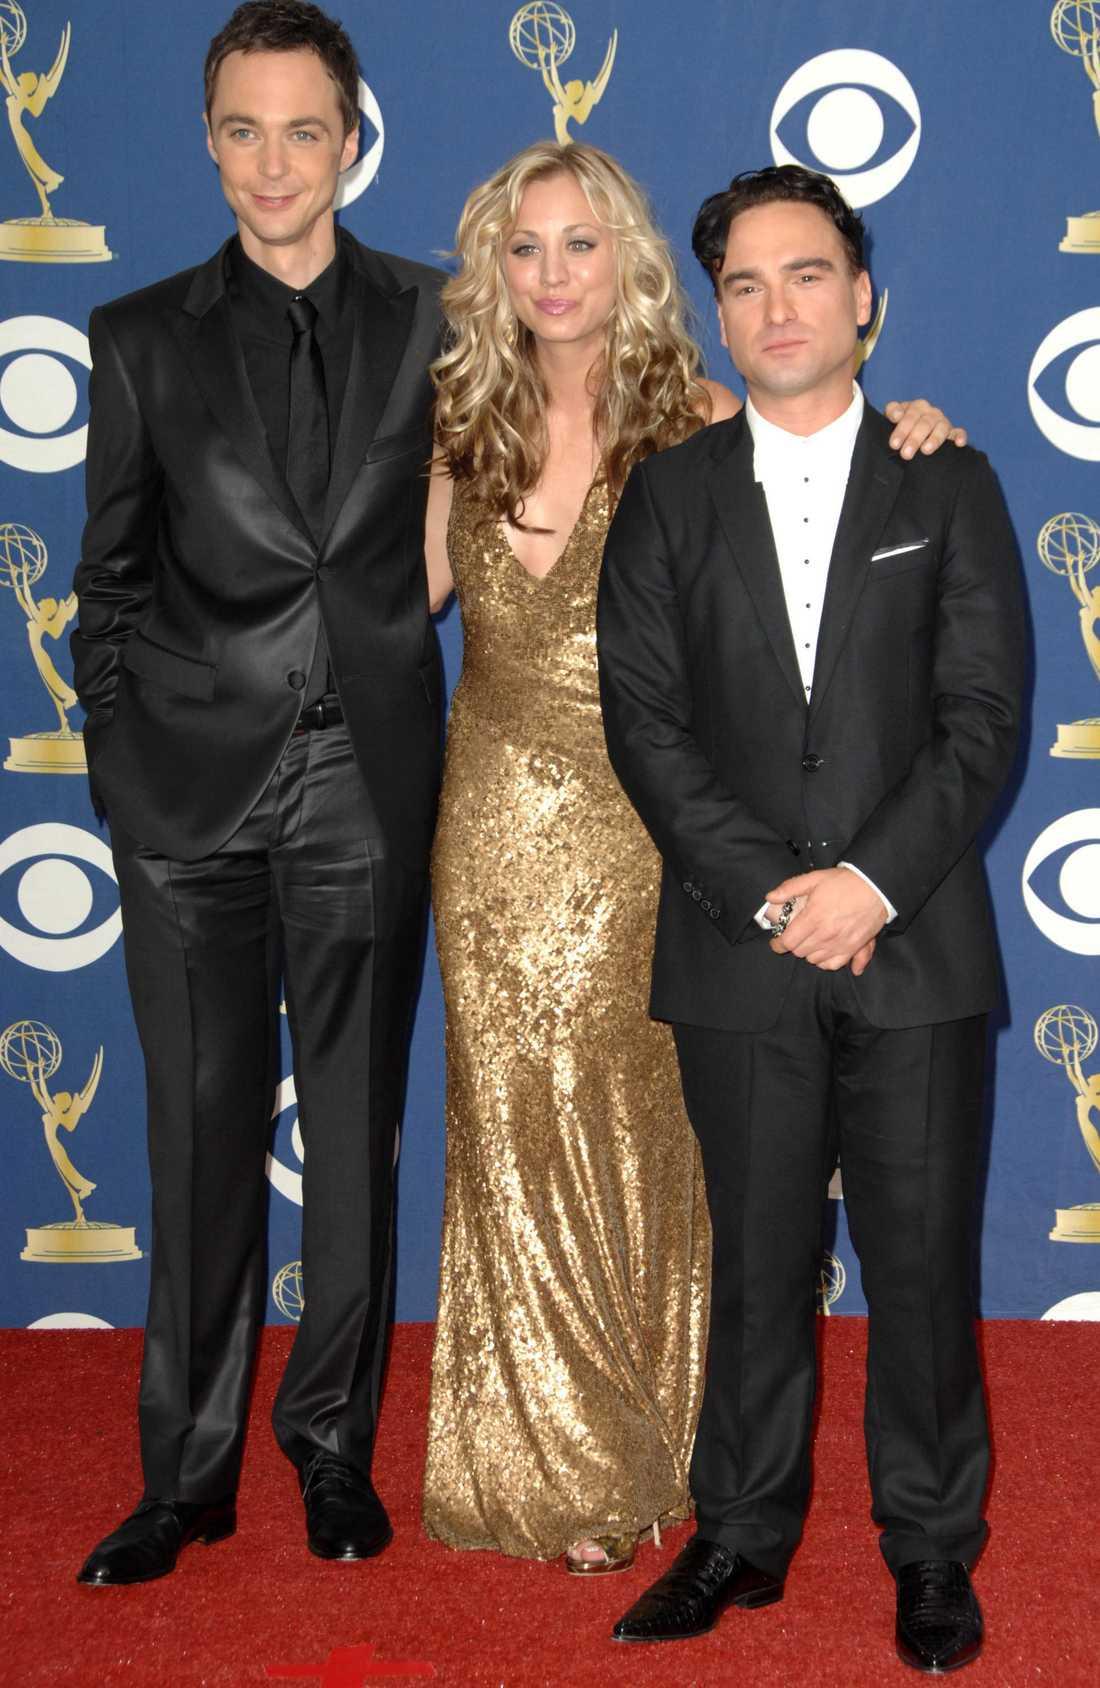 Johnny Galecki (längst till höger) tillsammans med Jim Parson och Kaley Cuoco.